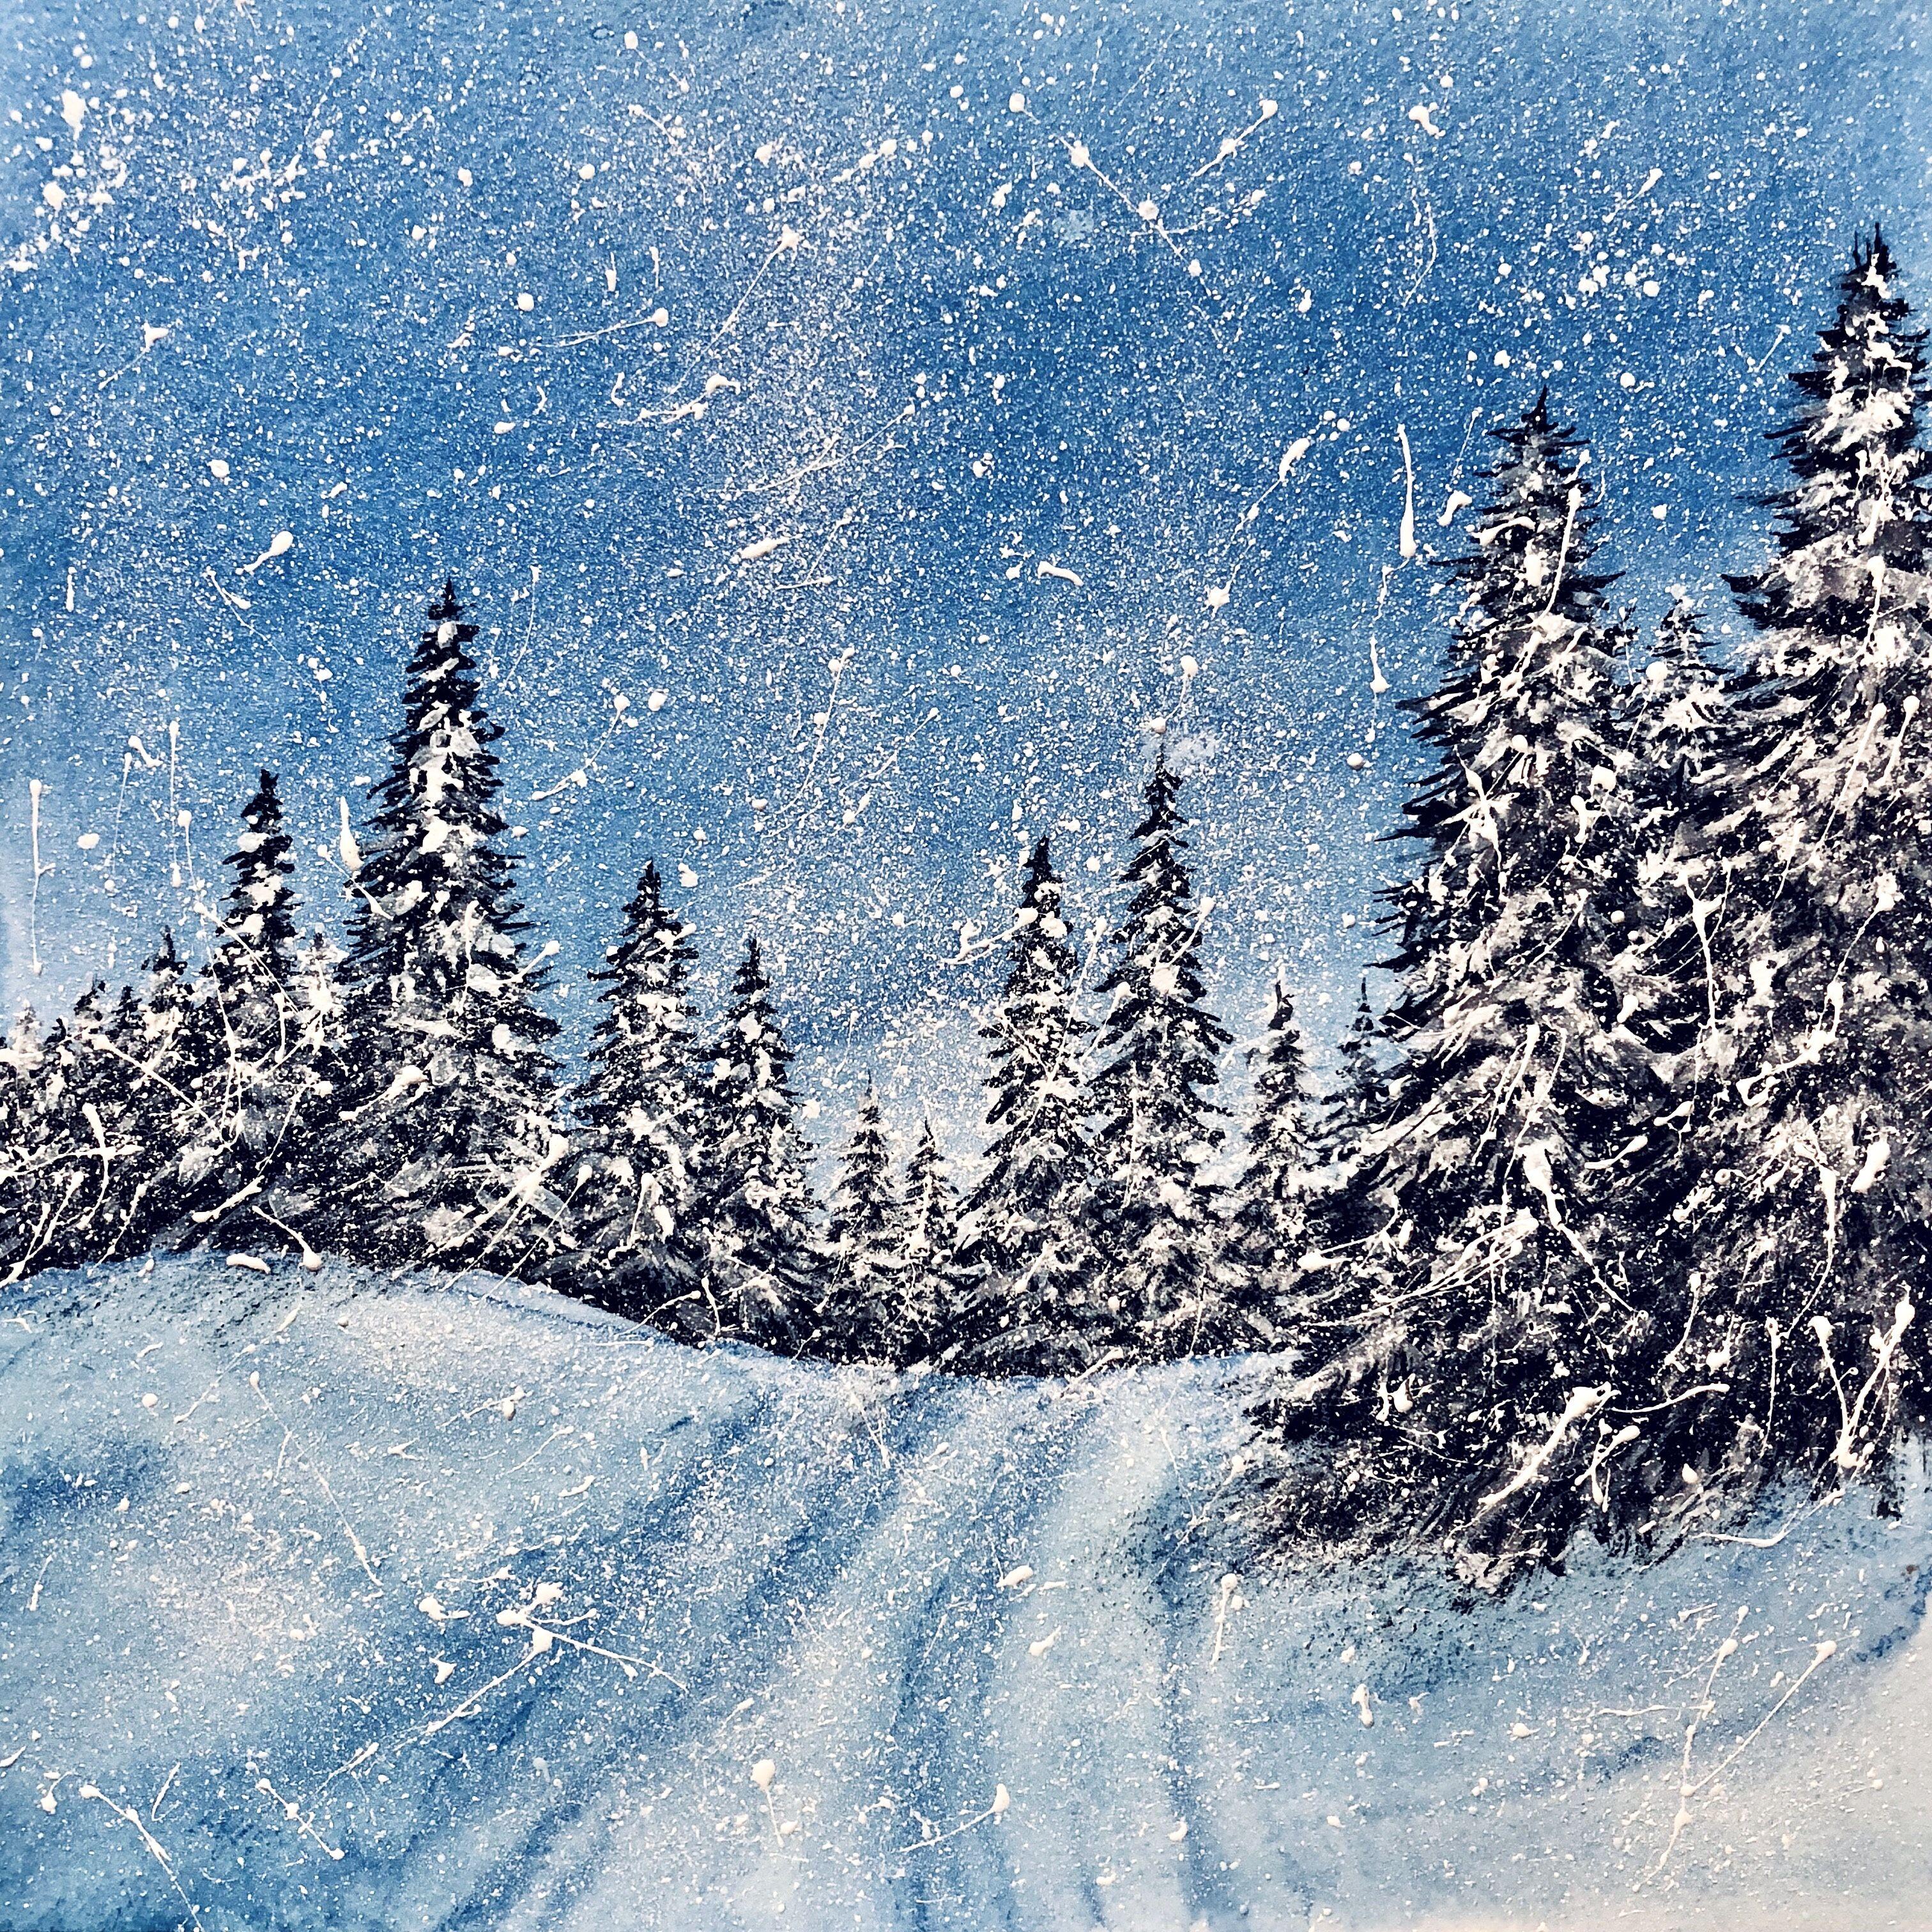 музыку или картинка зимнего пейзажа книжного варианта разделе описание товара